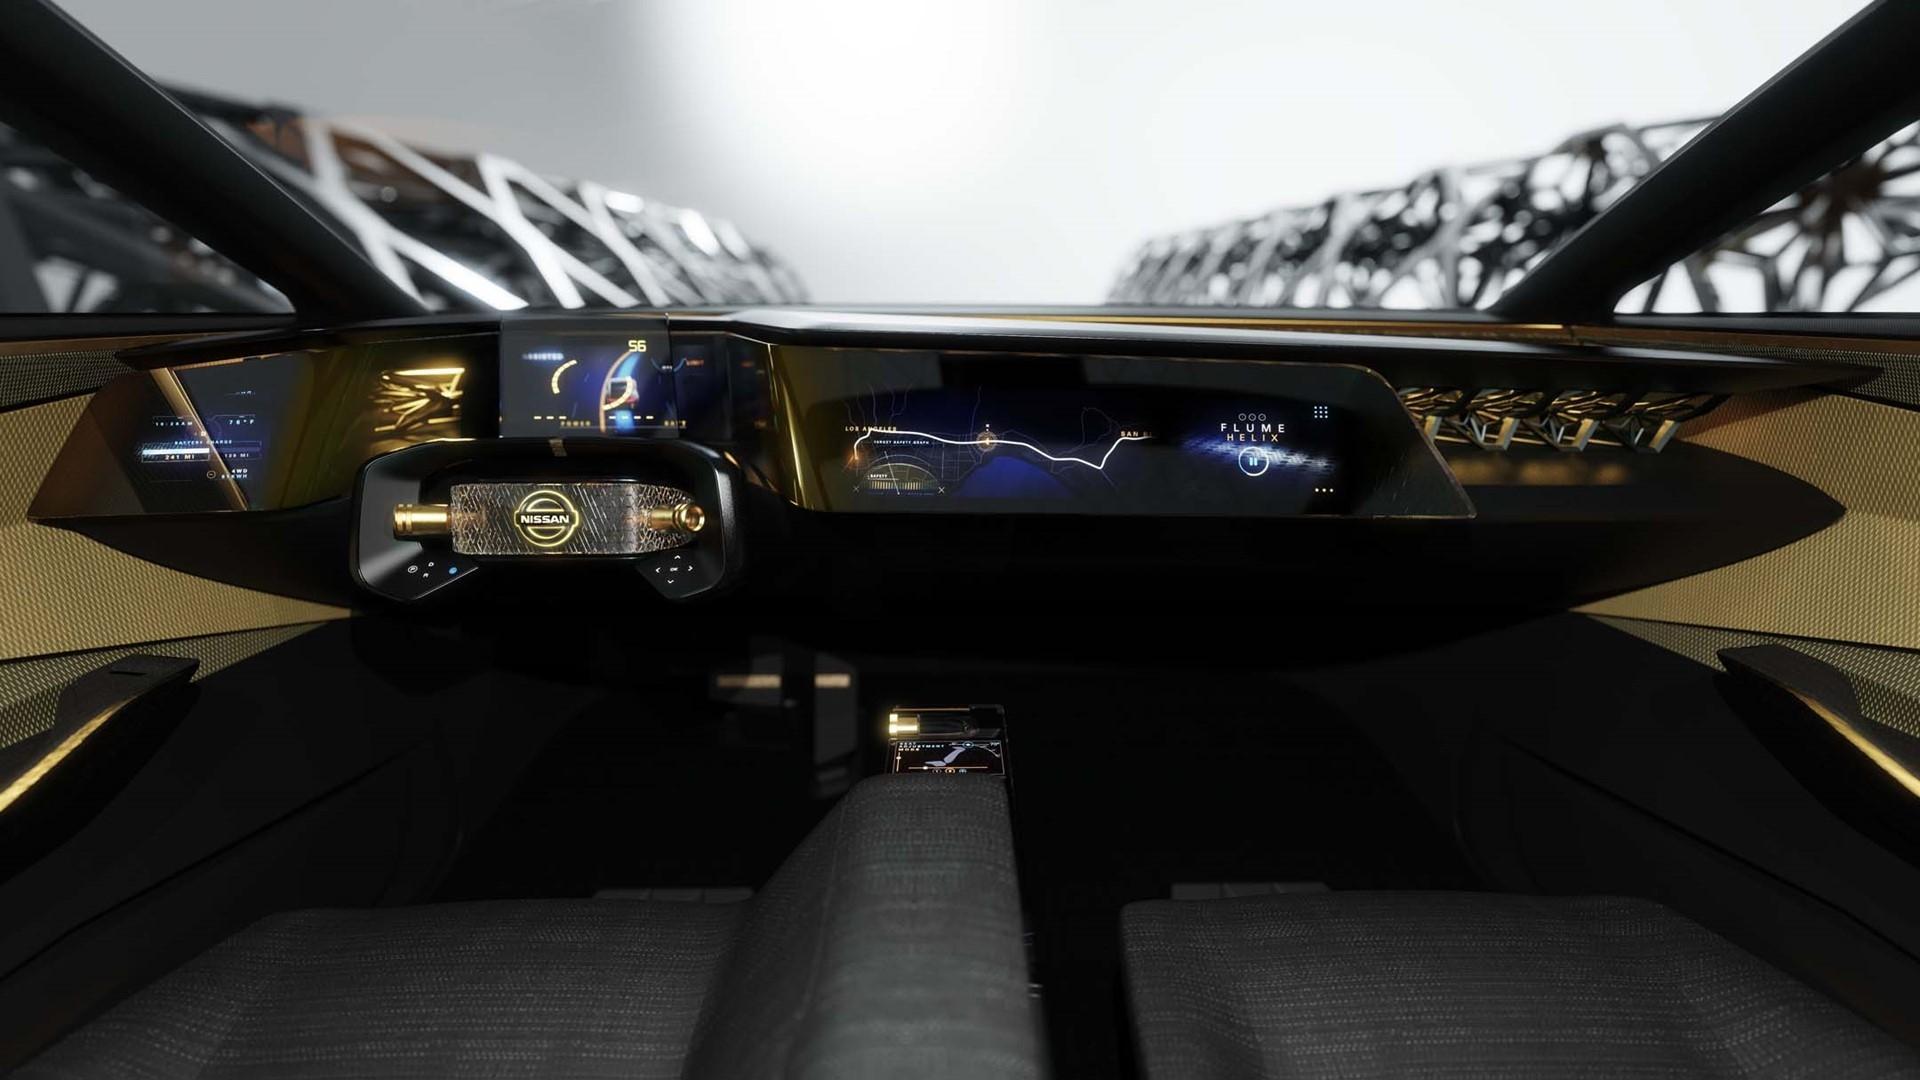 Kateri so glavni izzivi in prednosti, kaj bomo počeli v avtonomnih avtomobilih?